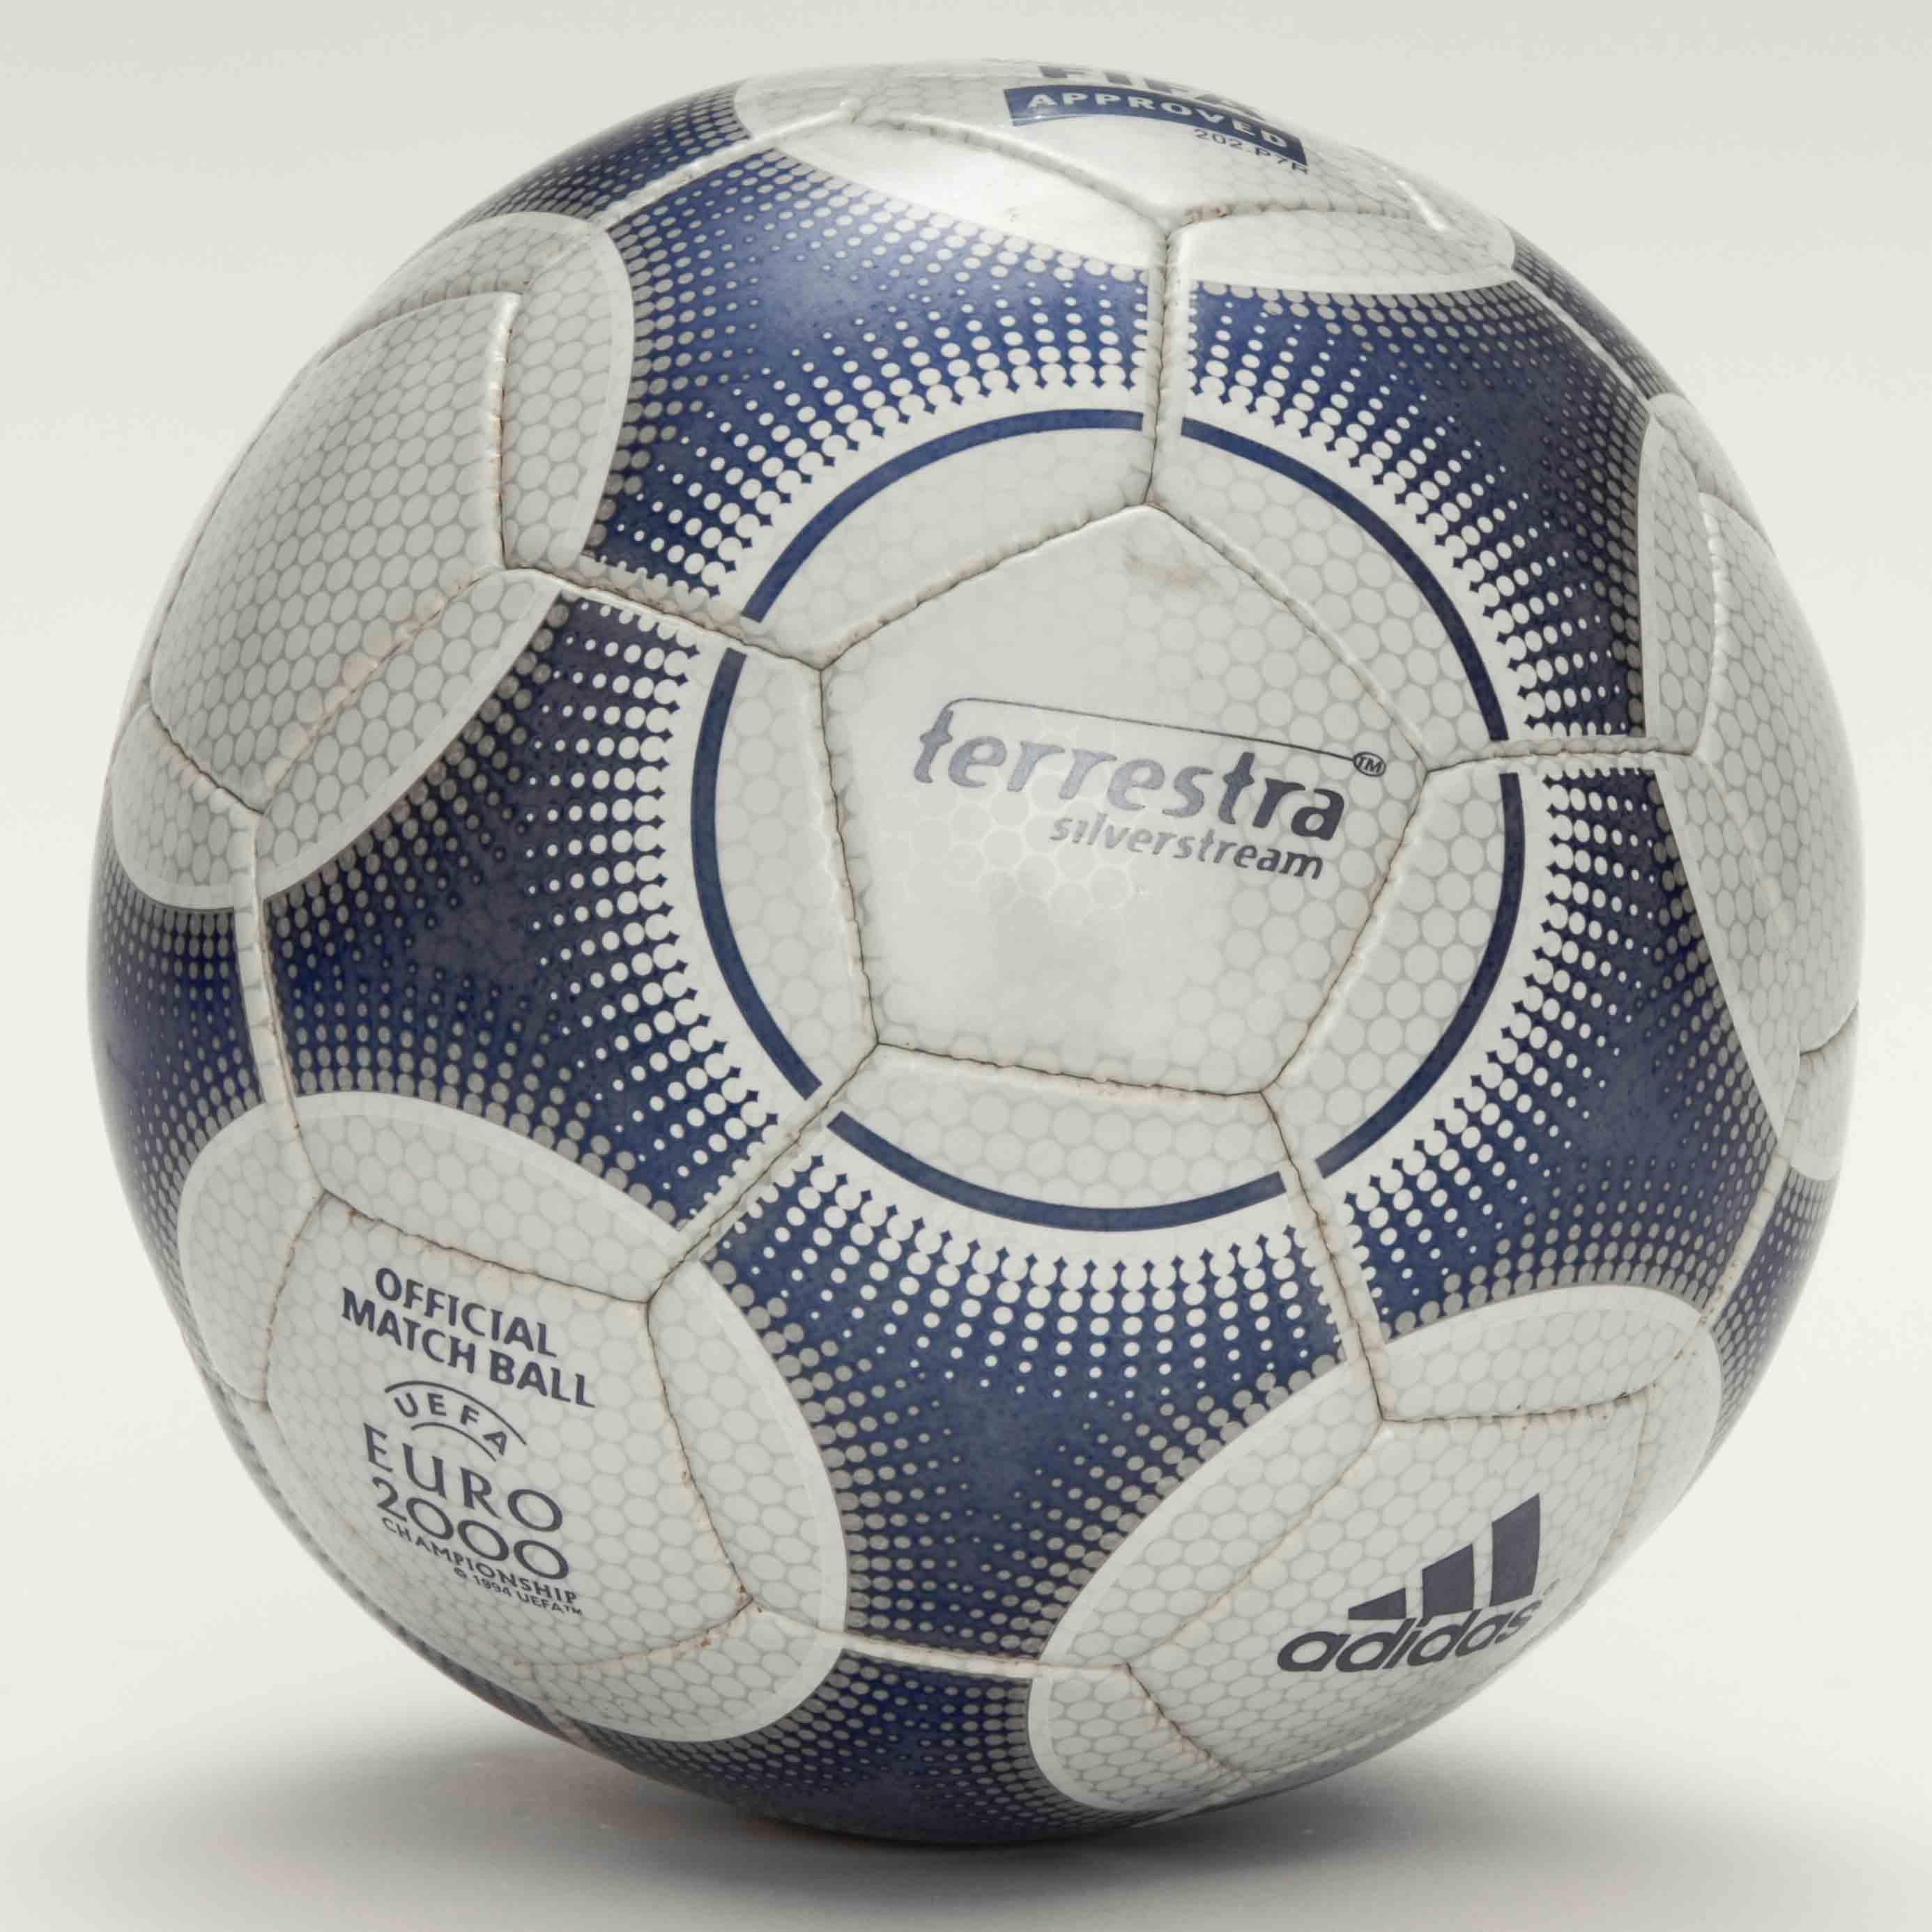 Мяч Суперкубка УЕФА 2000 года - Terrestra Silverstream